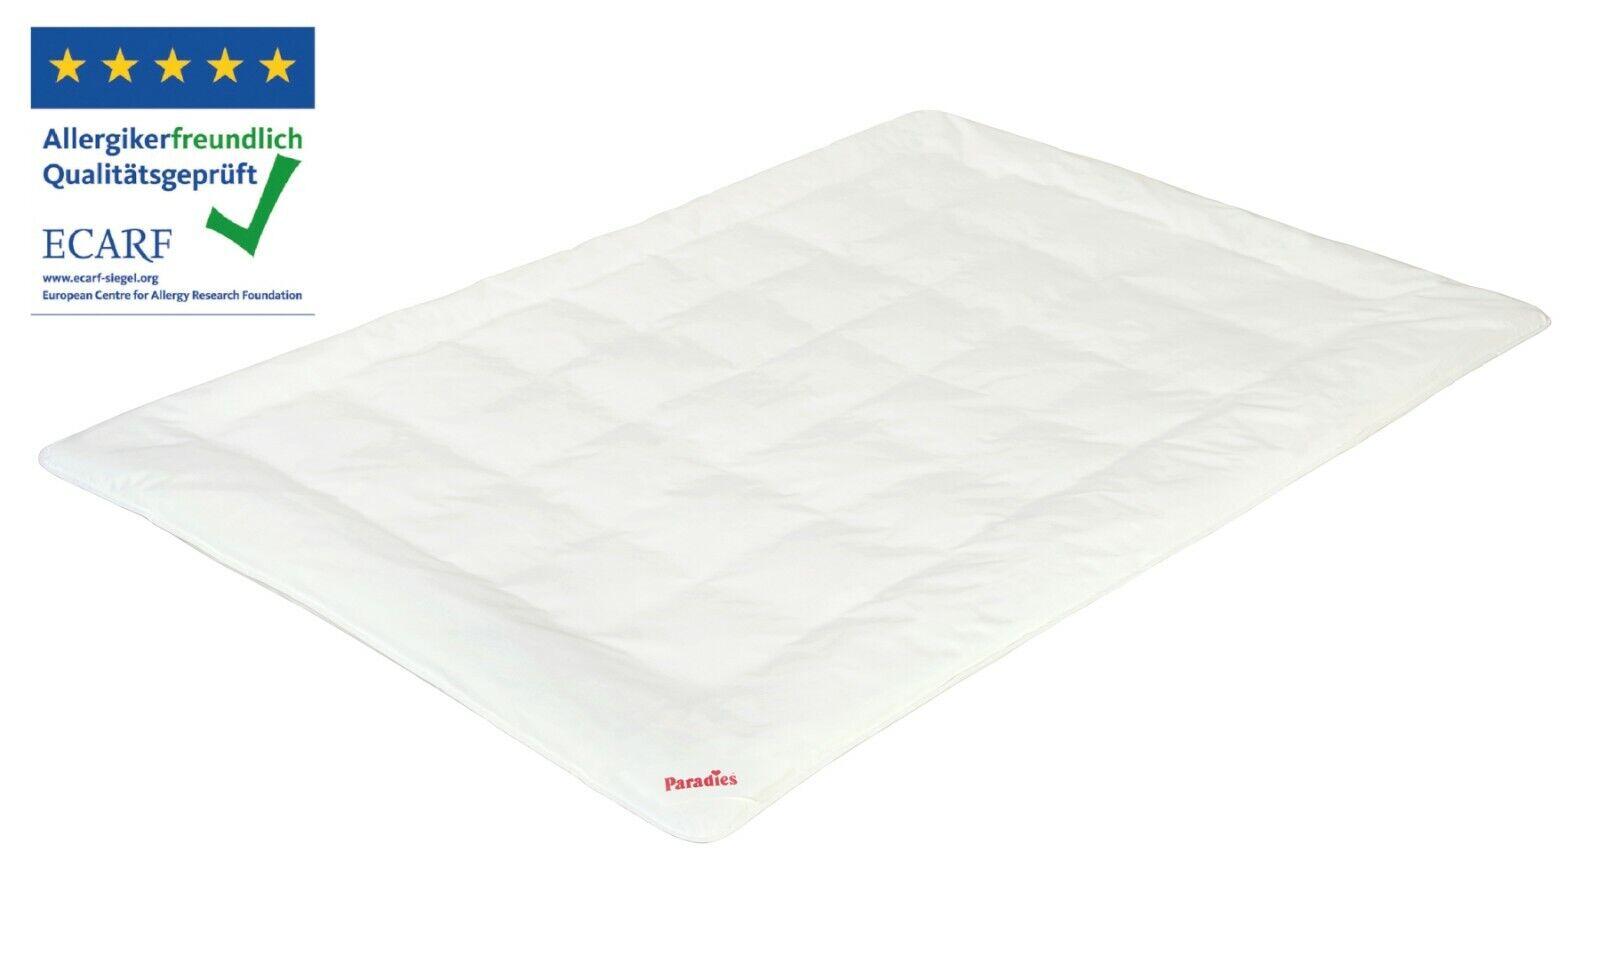 Paradies Antiallergo Bettdecke 135x200 cm, die Hausstaubmilben-Allergiker Decke